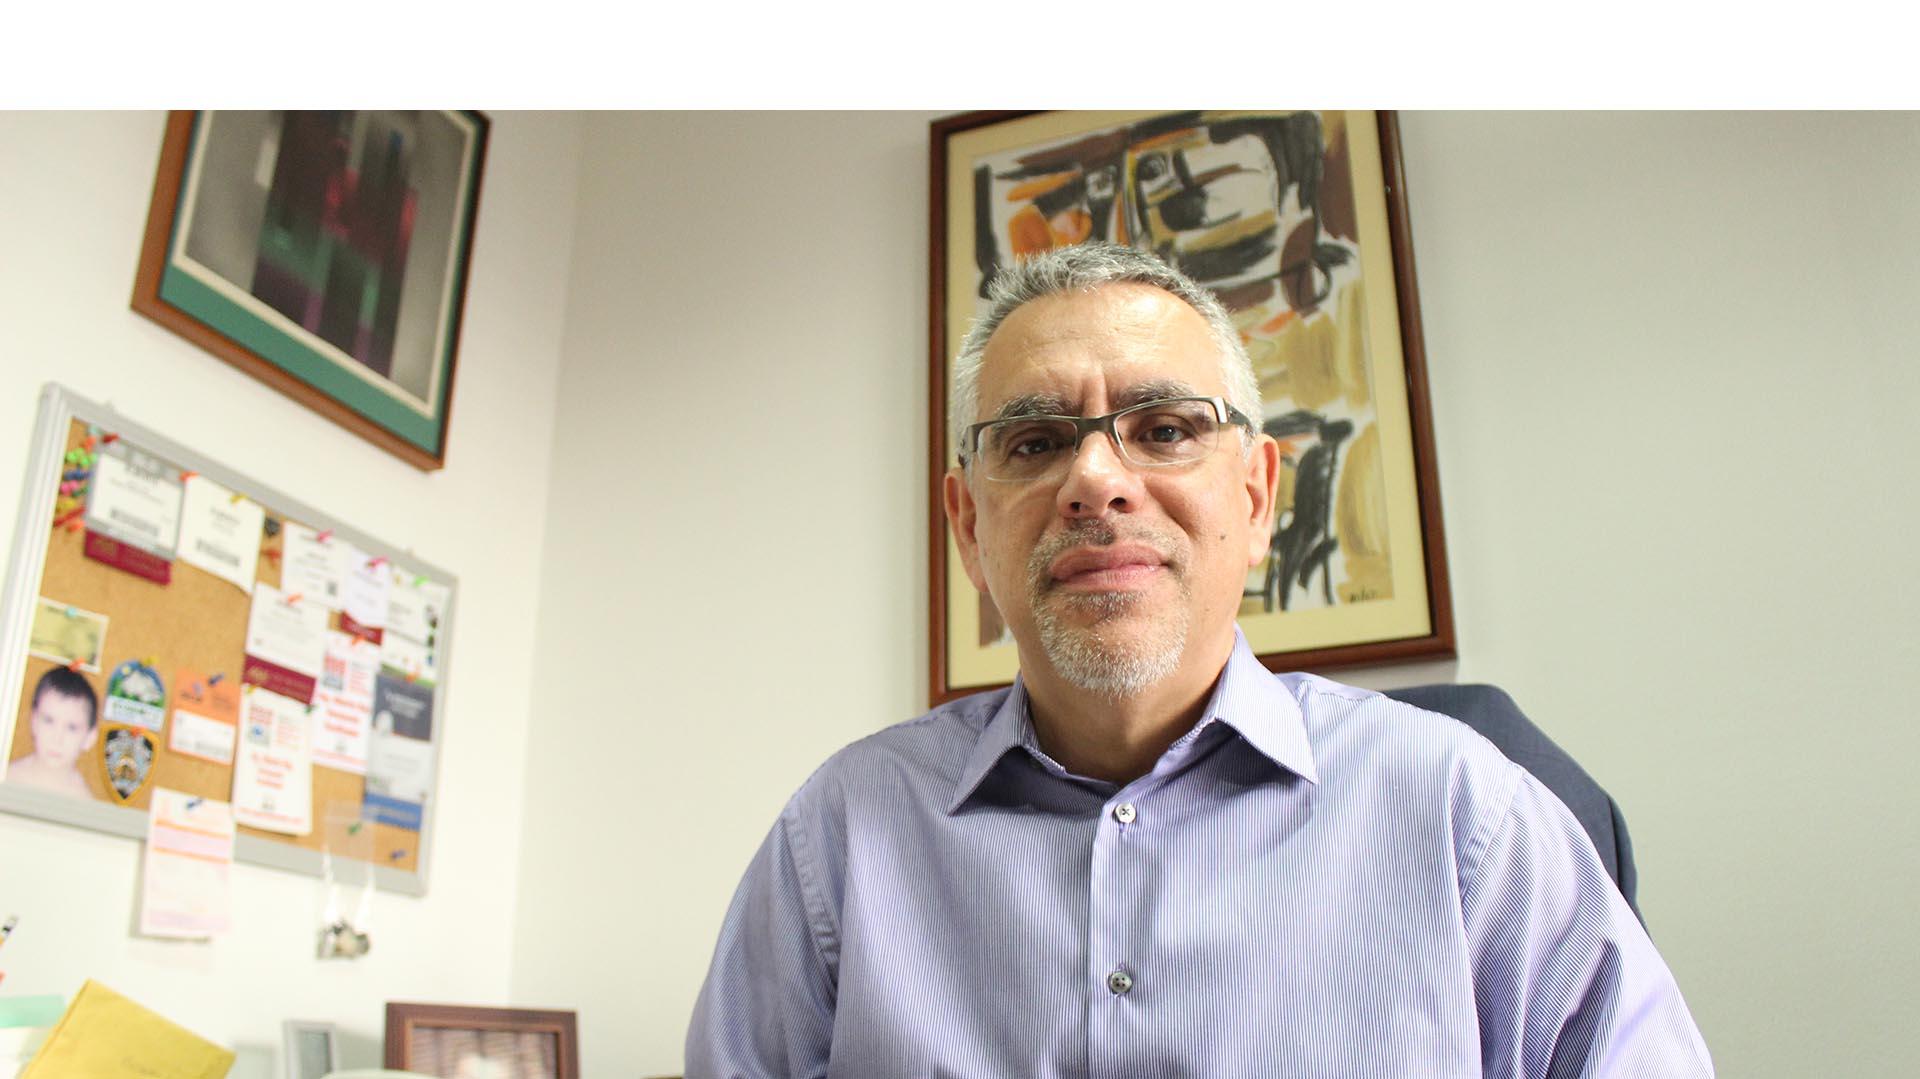 El especialista en riesgo Alberto Ray edita ensayo sobre seguridad en las ciudades, organizaciones y de las personas